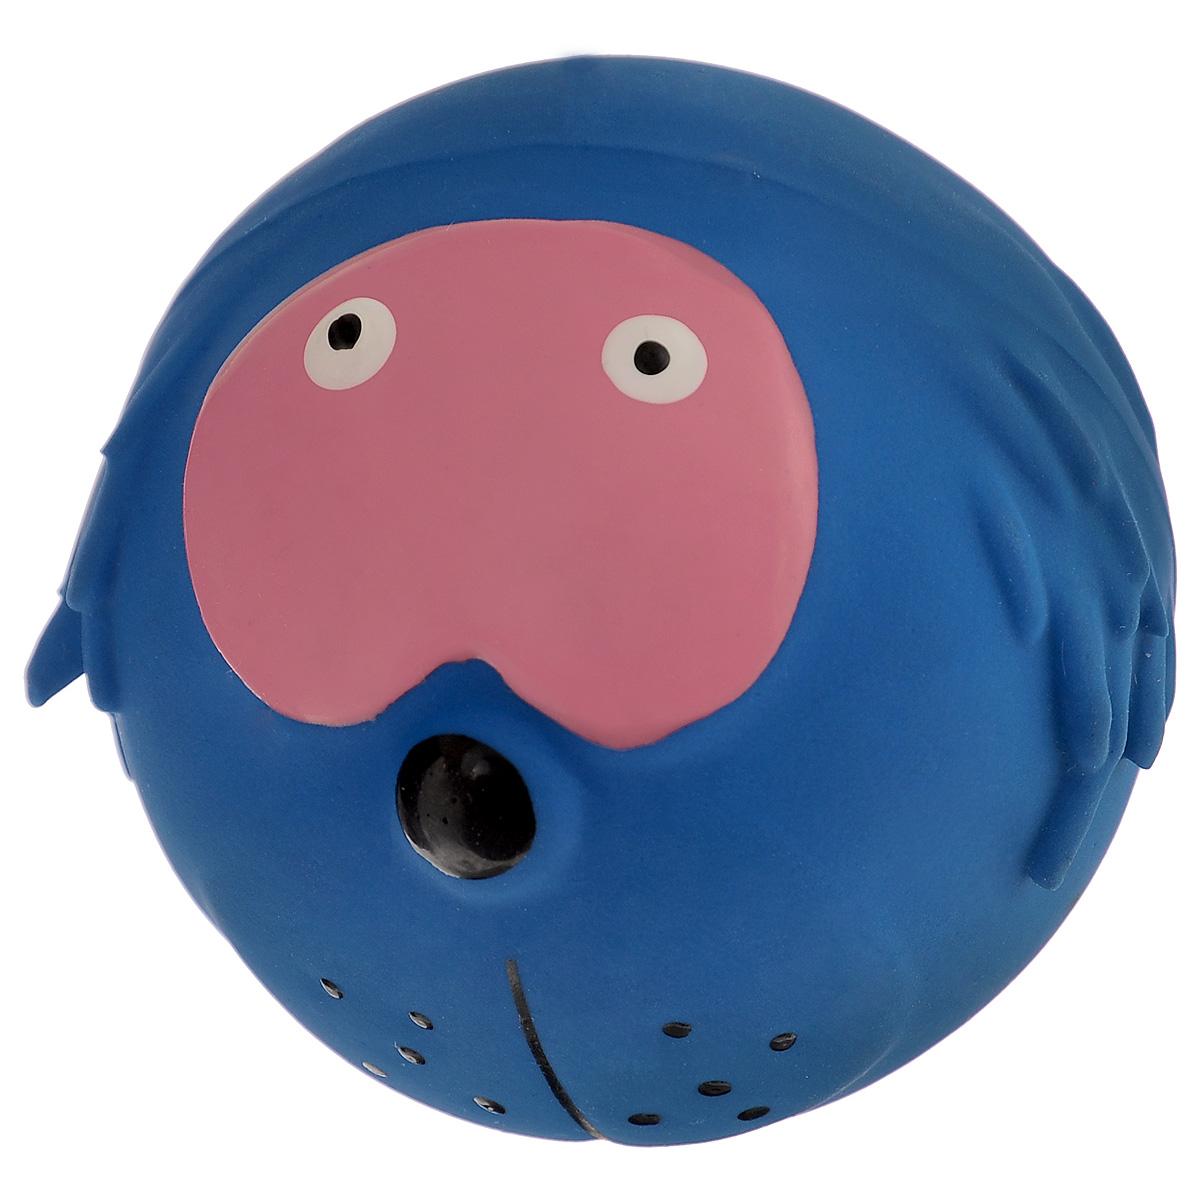 Игрушка для собак I.P.T.S. Мяч с мордочкой, цвет: синий, диаметр 7 см игрушка для собак dezzie мяч фигуры диаметр 7 см